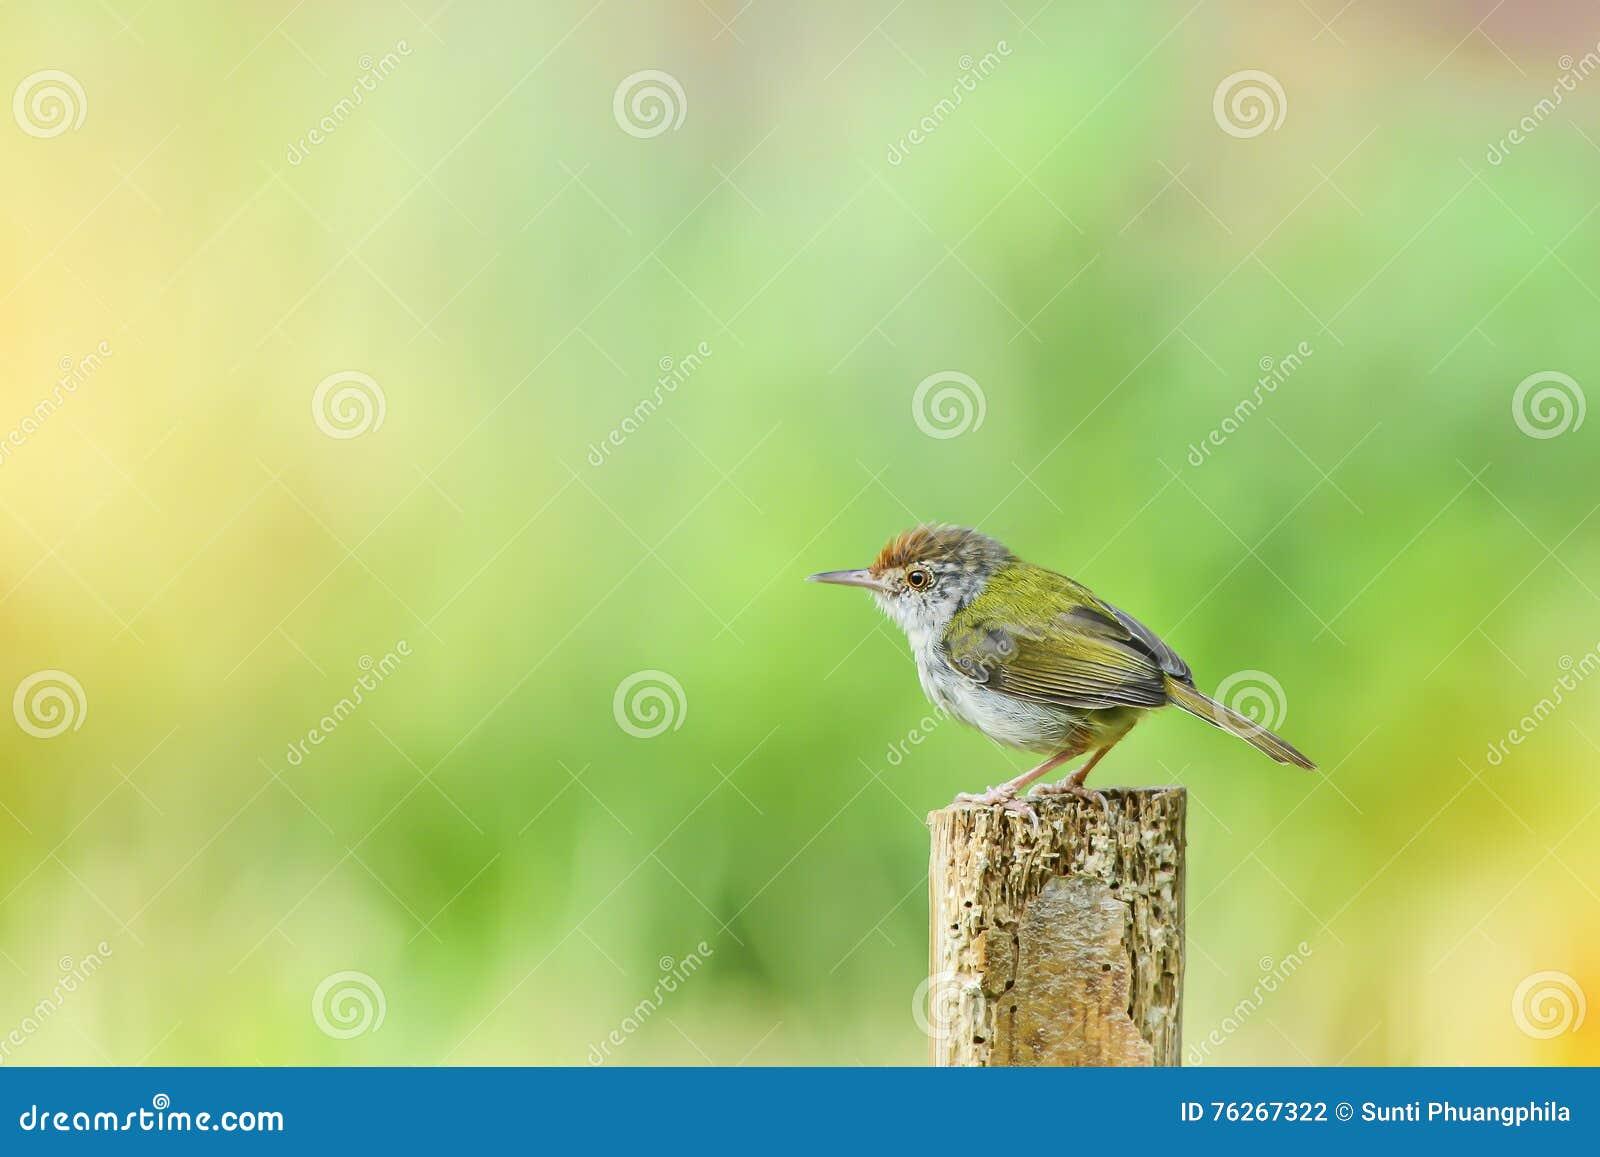 Common Tailor - bird